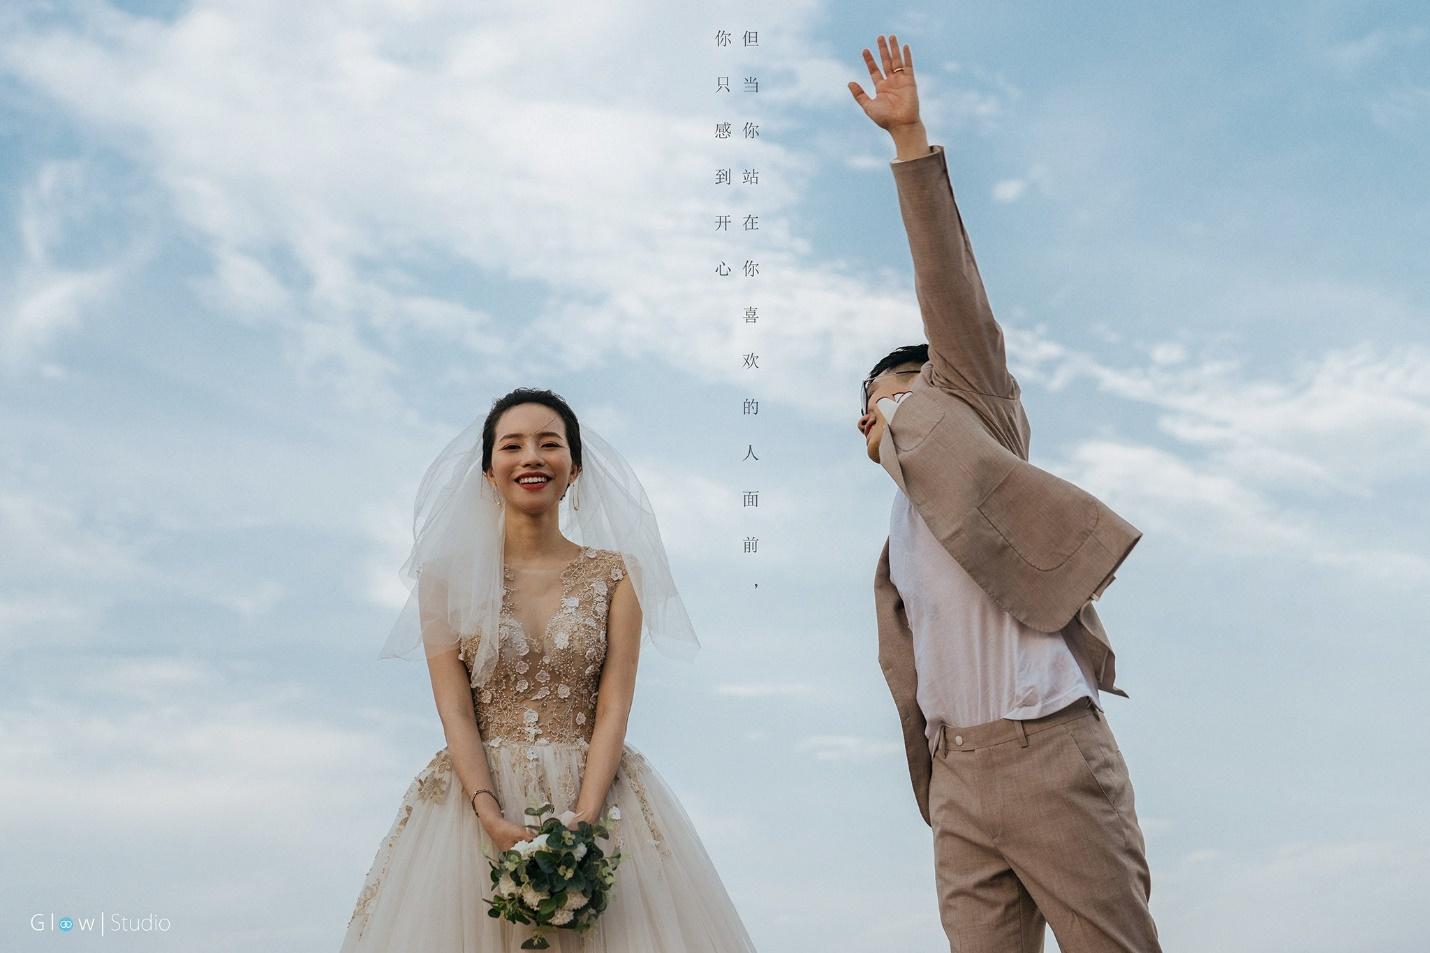 Ảnh cưới tự nhiên - Nơi cảm xúc thật được thăng hoa - Ảnh 1.